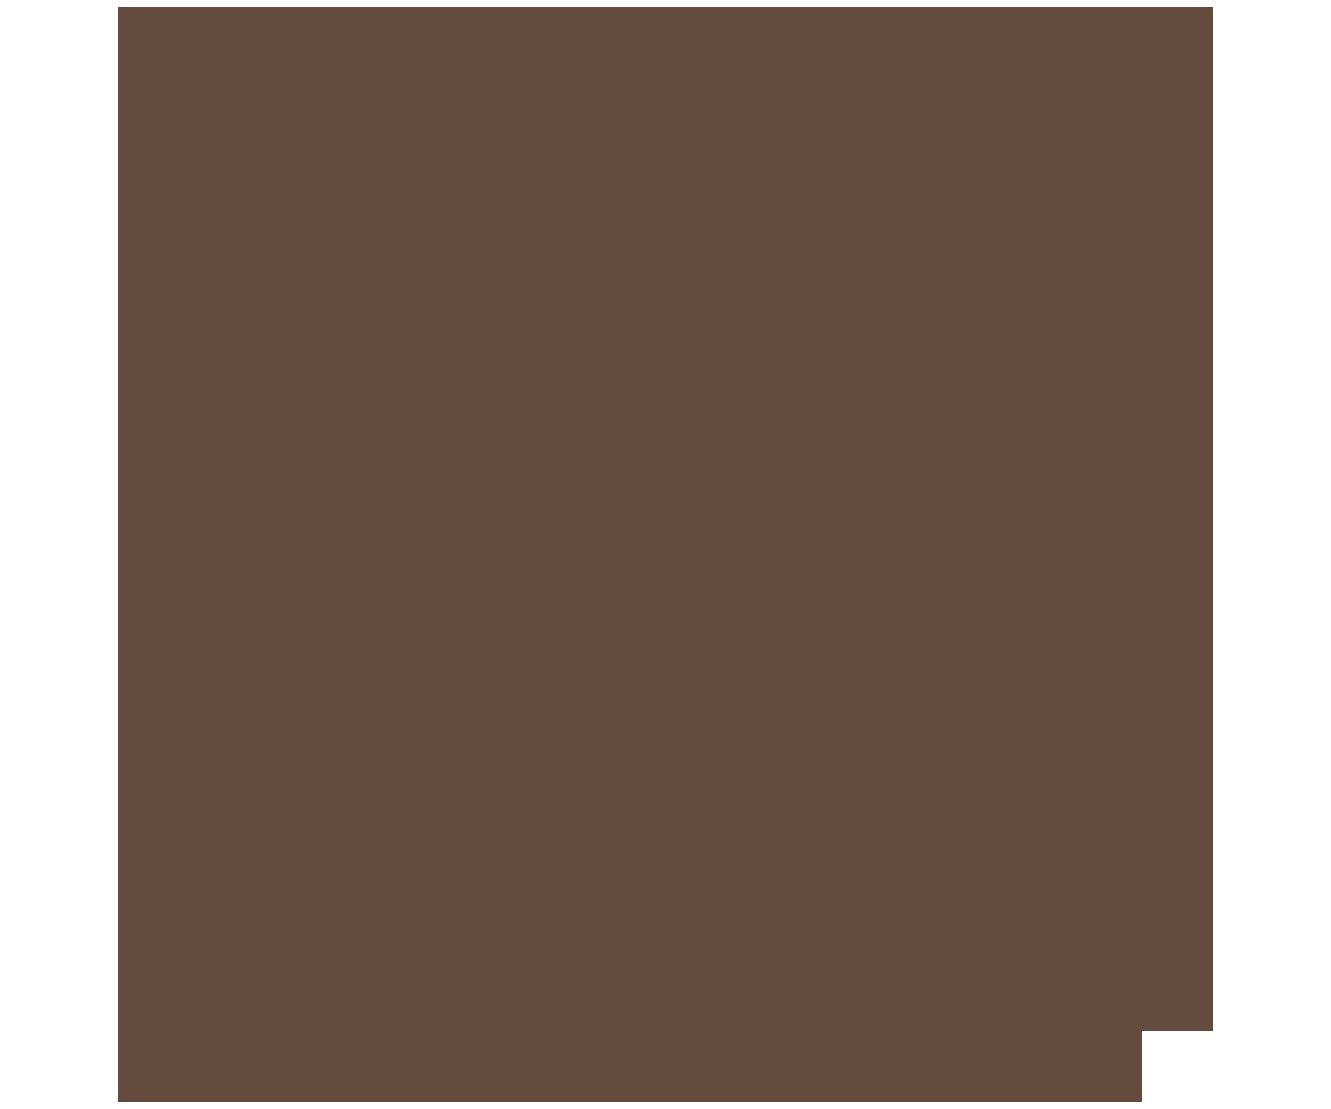 金沢でハリネズミとふれ合えるりんごあめカフェ「つんつんぶんのりんご」